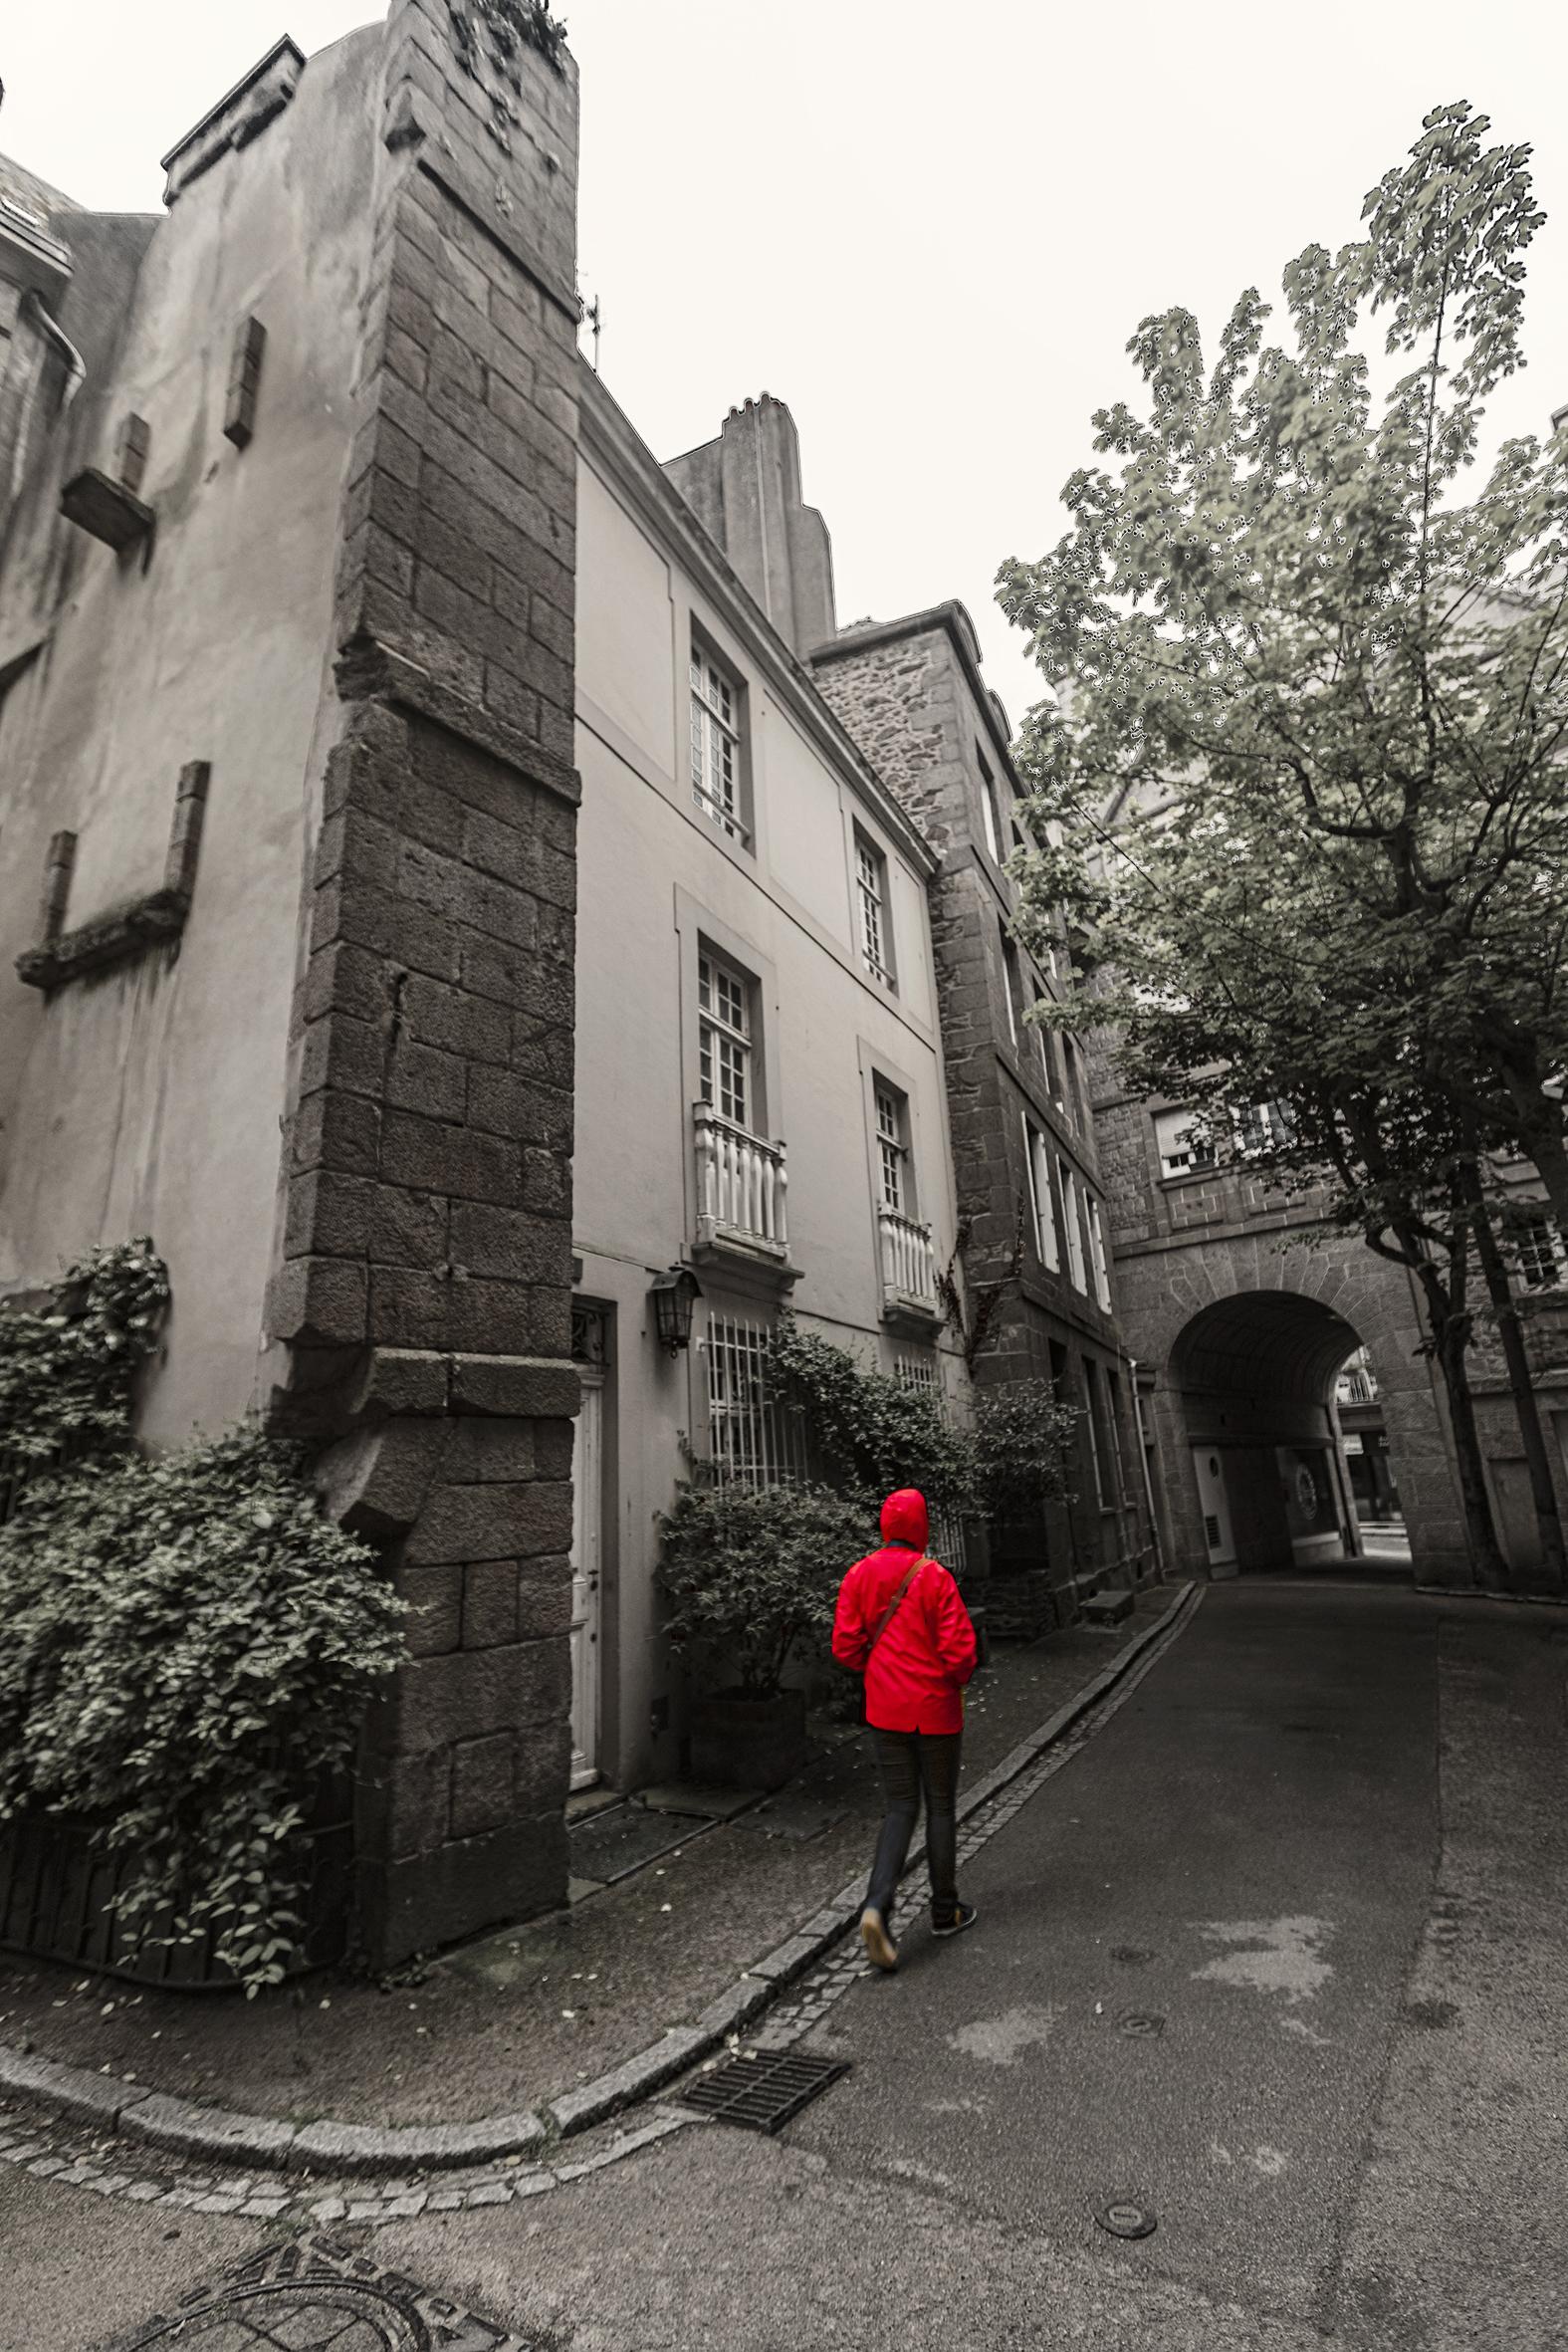 Retour du manteau rouge